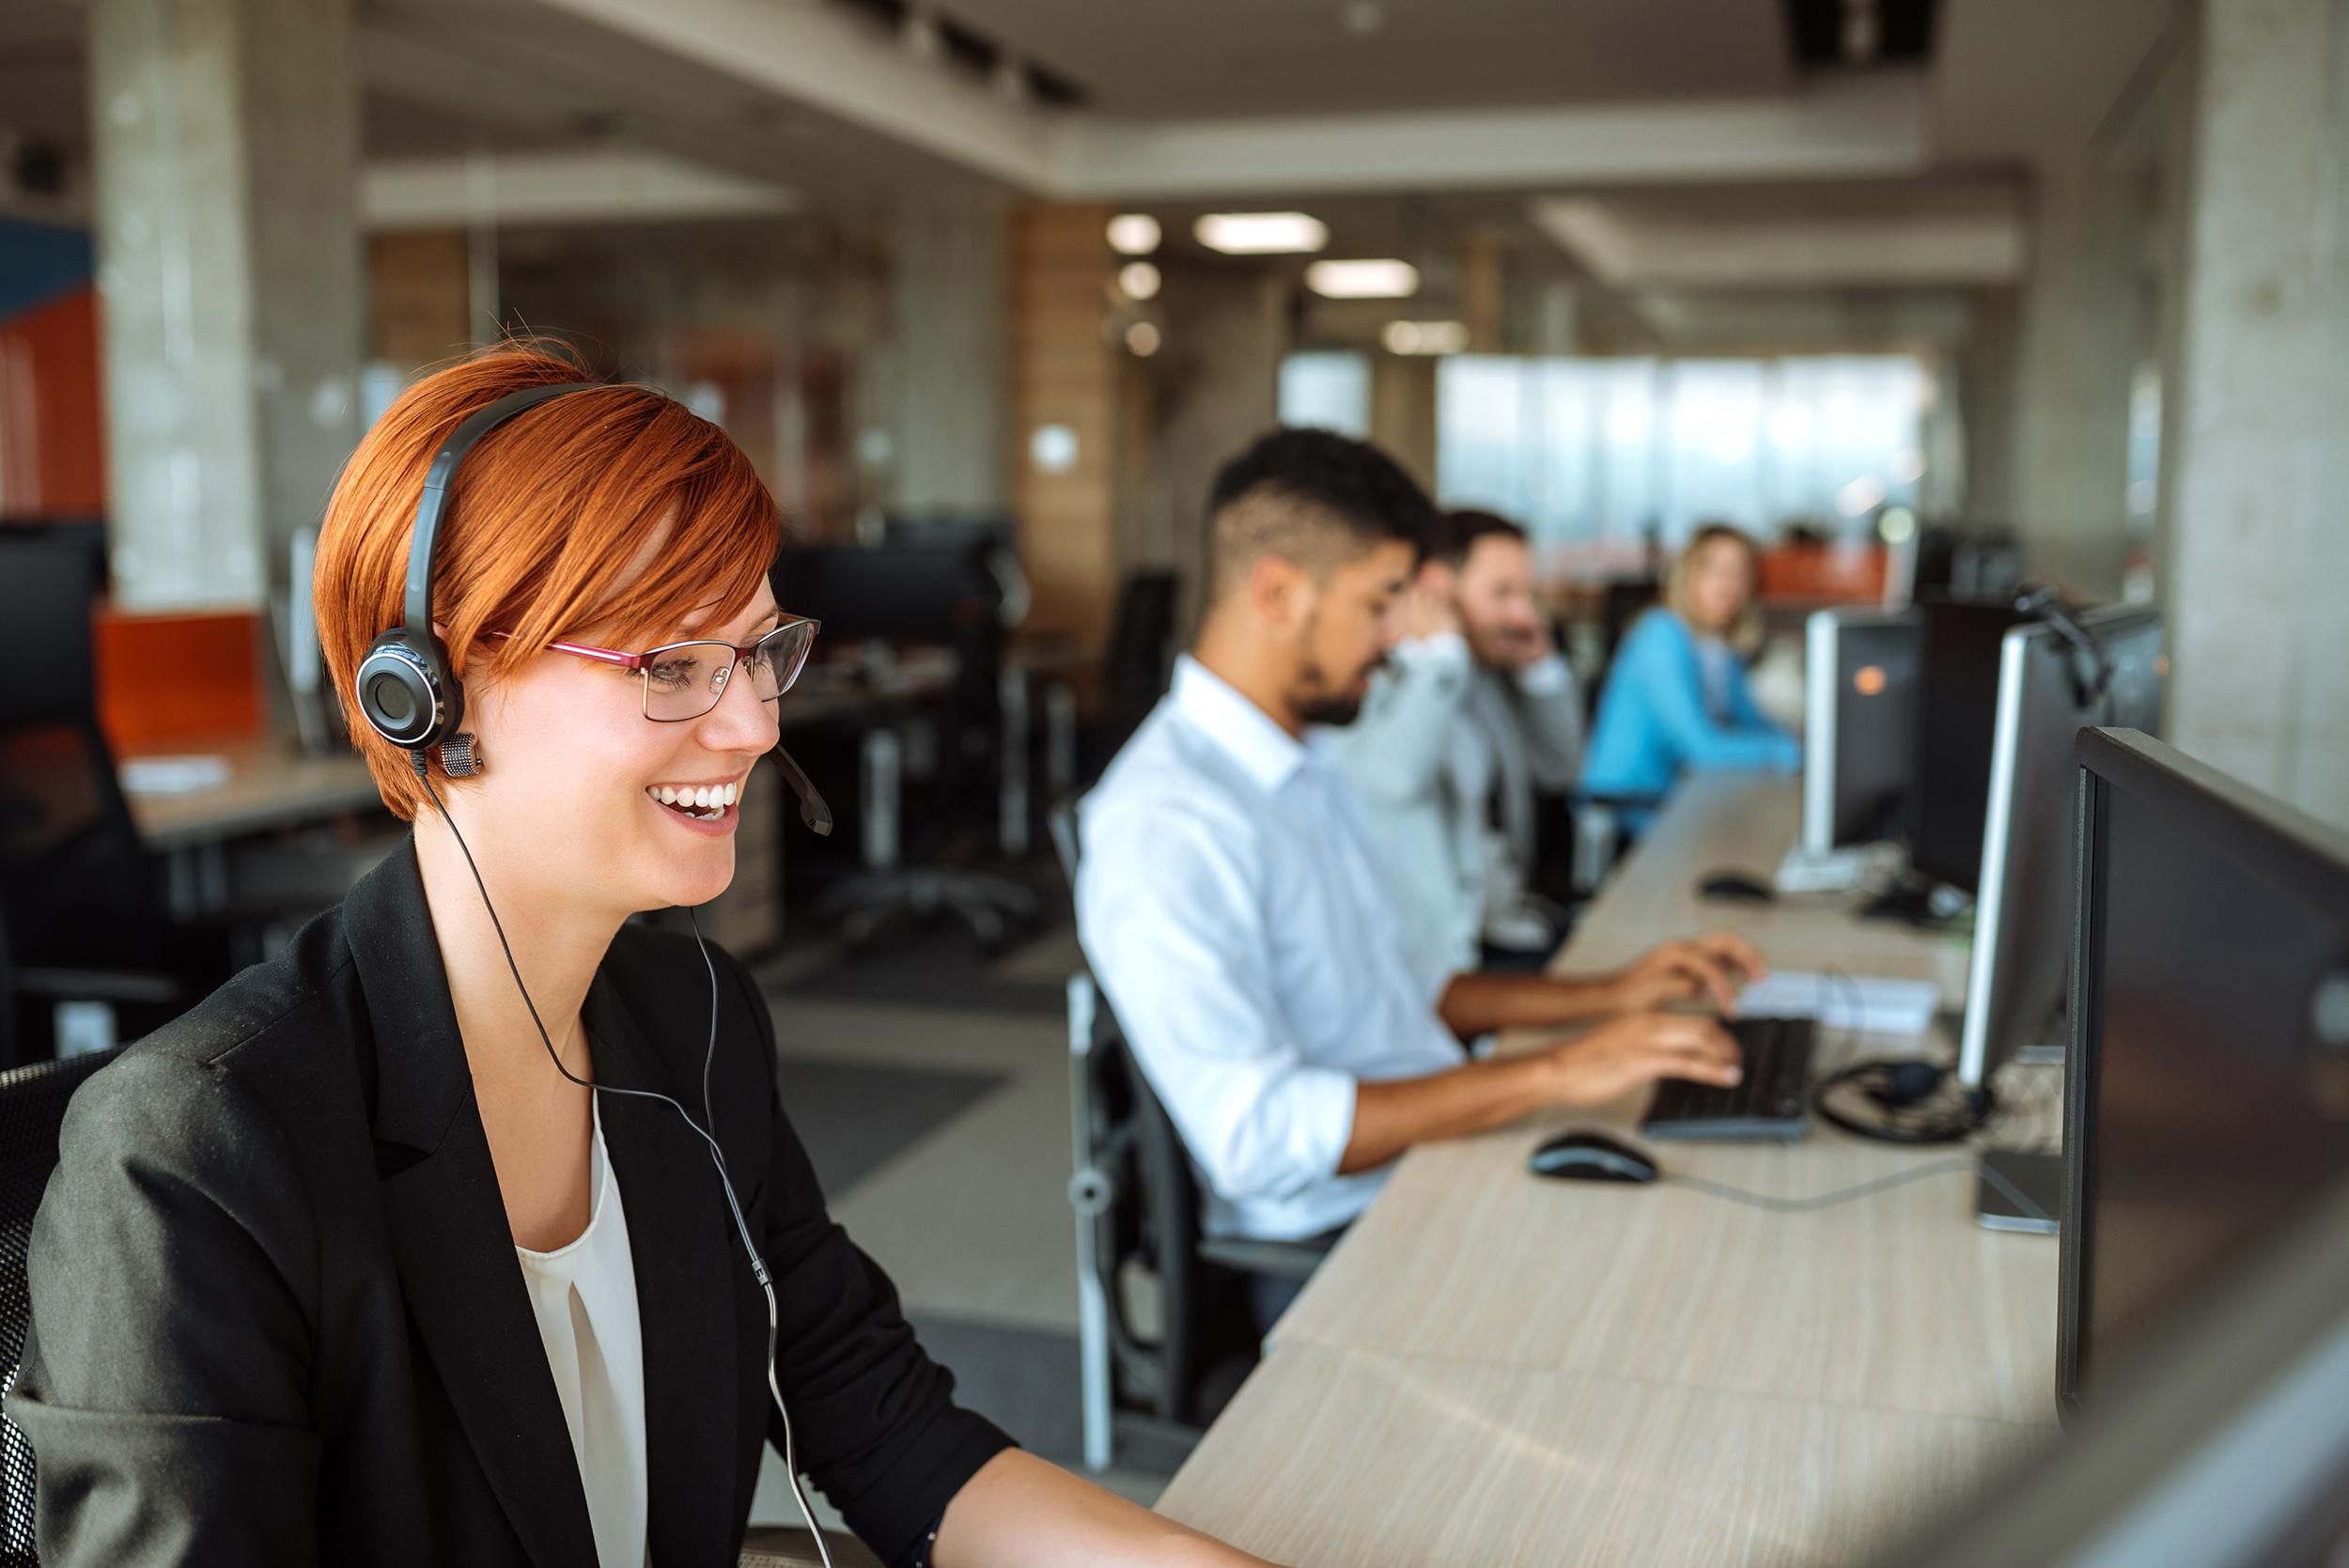 CCaaS - Contact Center as a Service